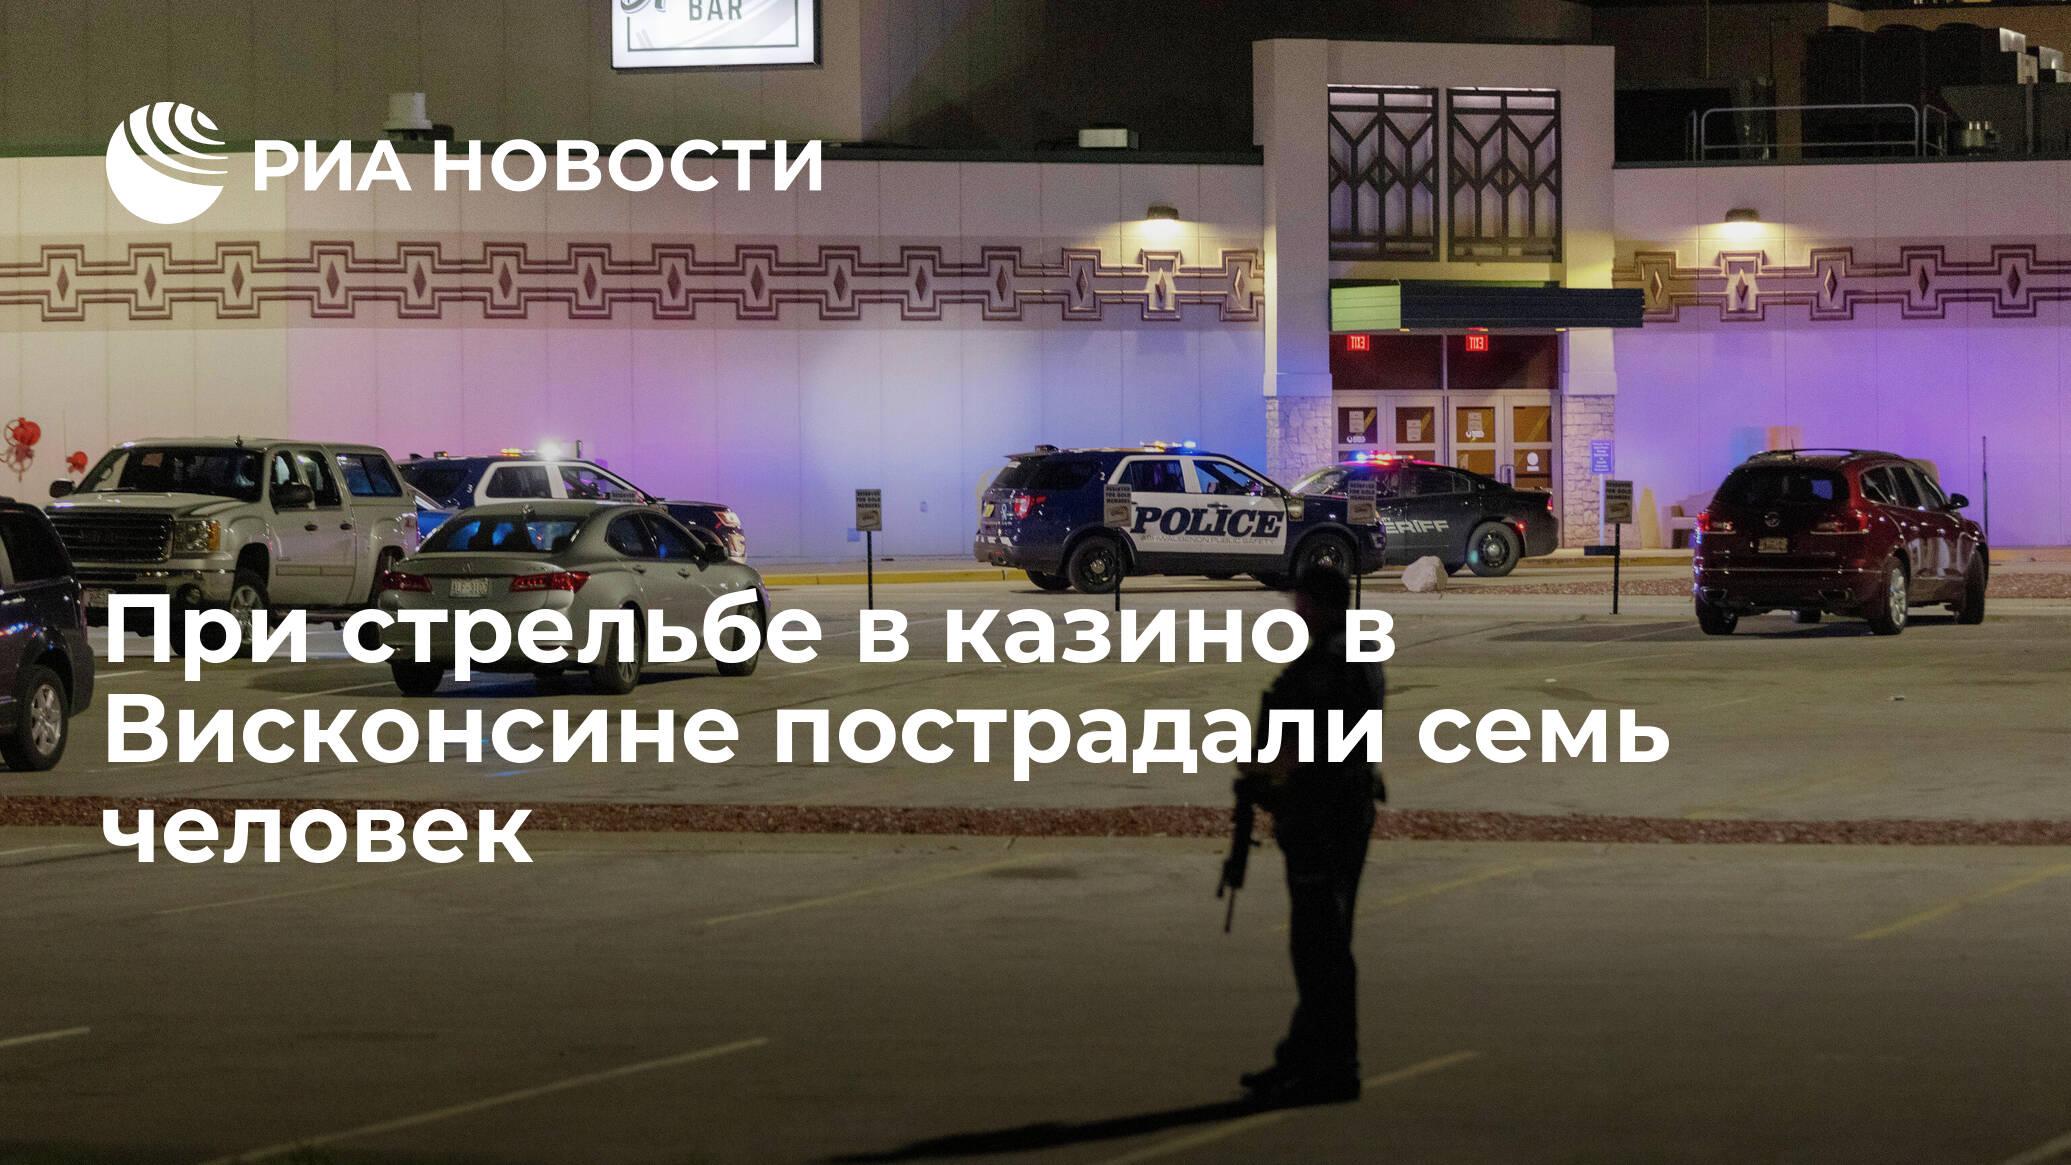 CBS: при стрельбе в казино в Висконсине пострадали семь человек